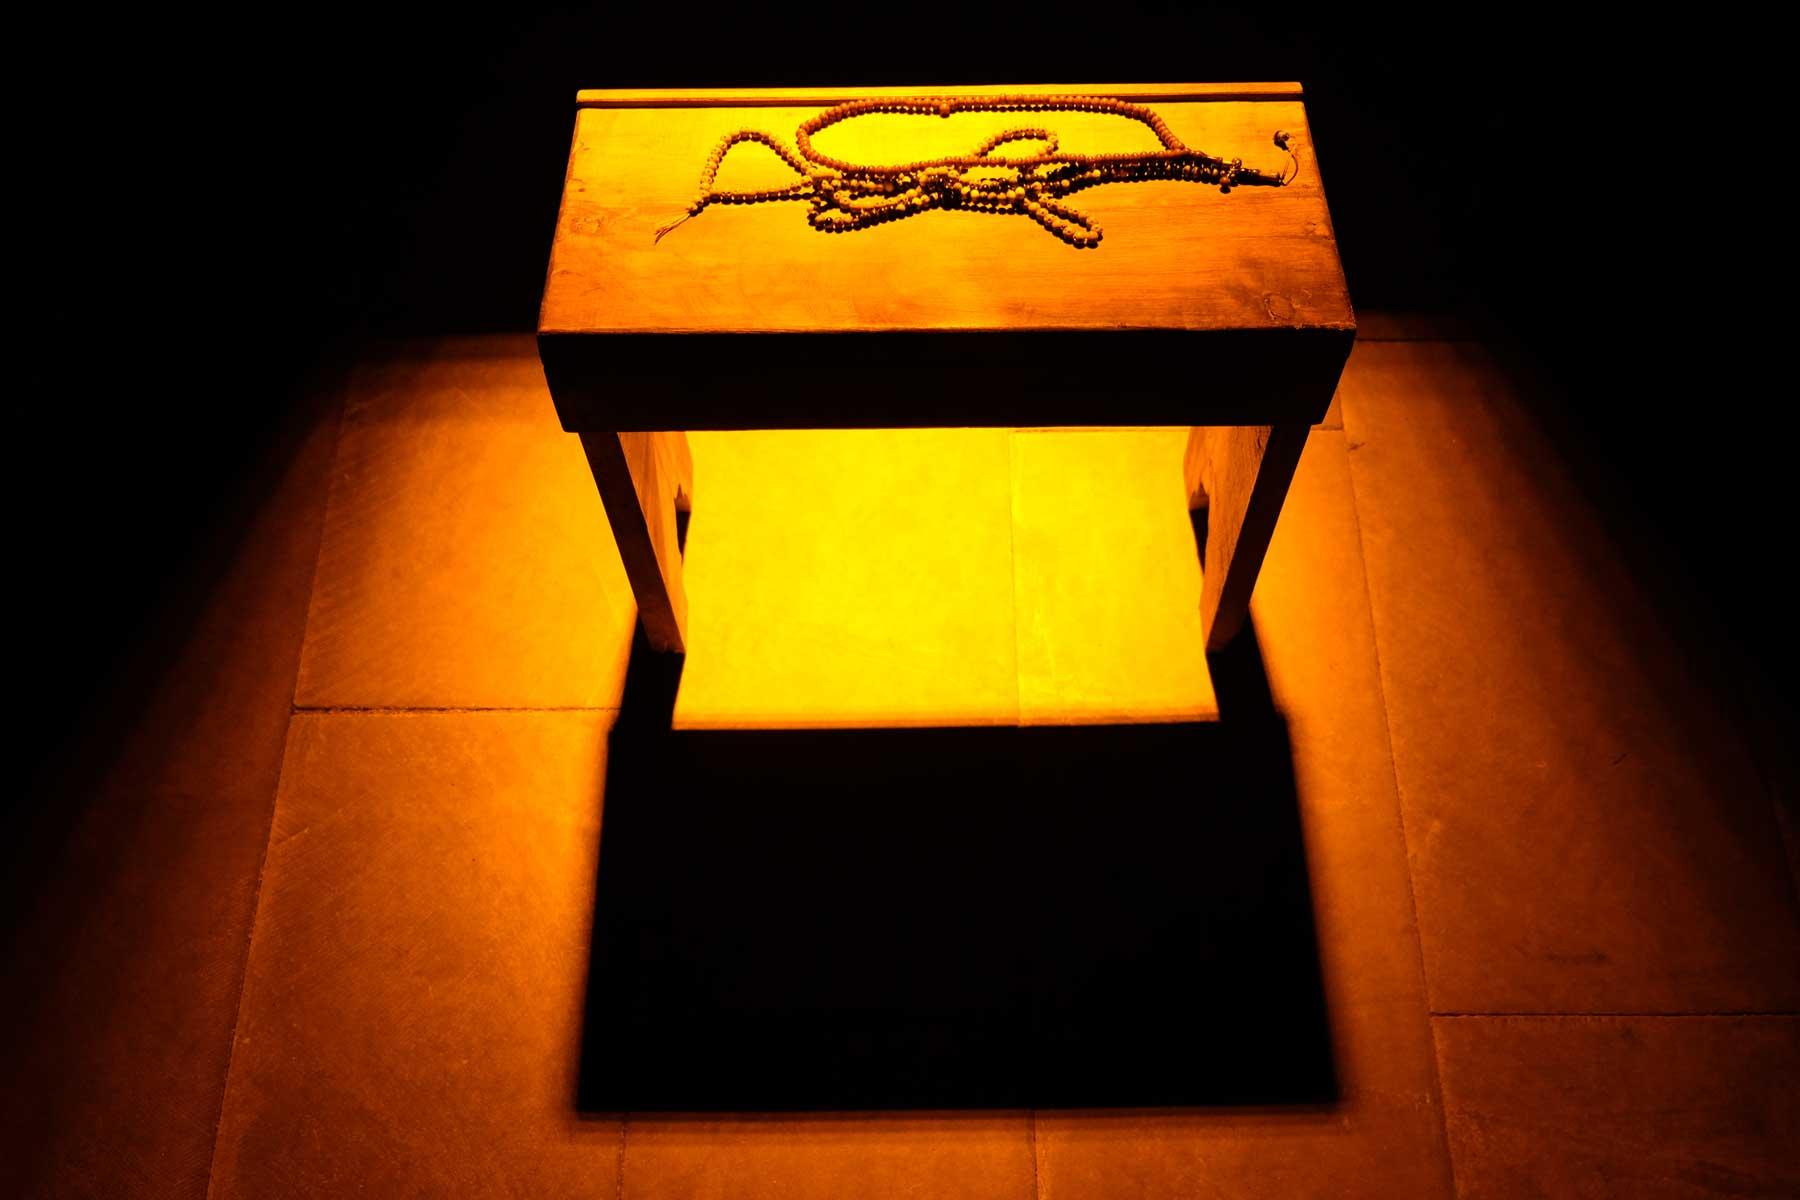 Eine Gebetskette liegt auf einem kleinen Holztisch